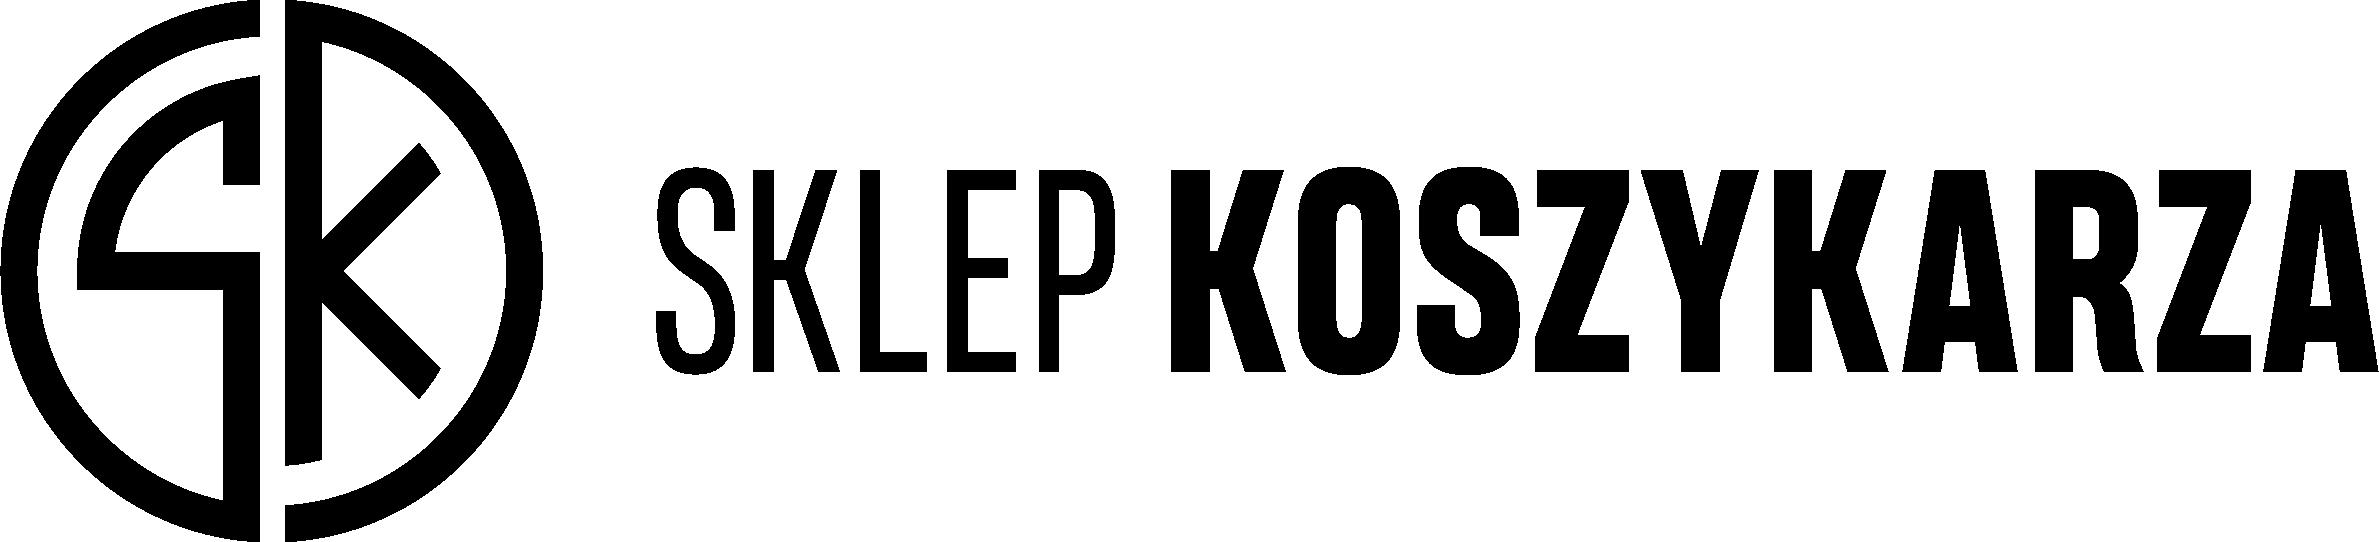 5765_sklep-koszykarza-one-linepng